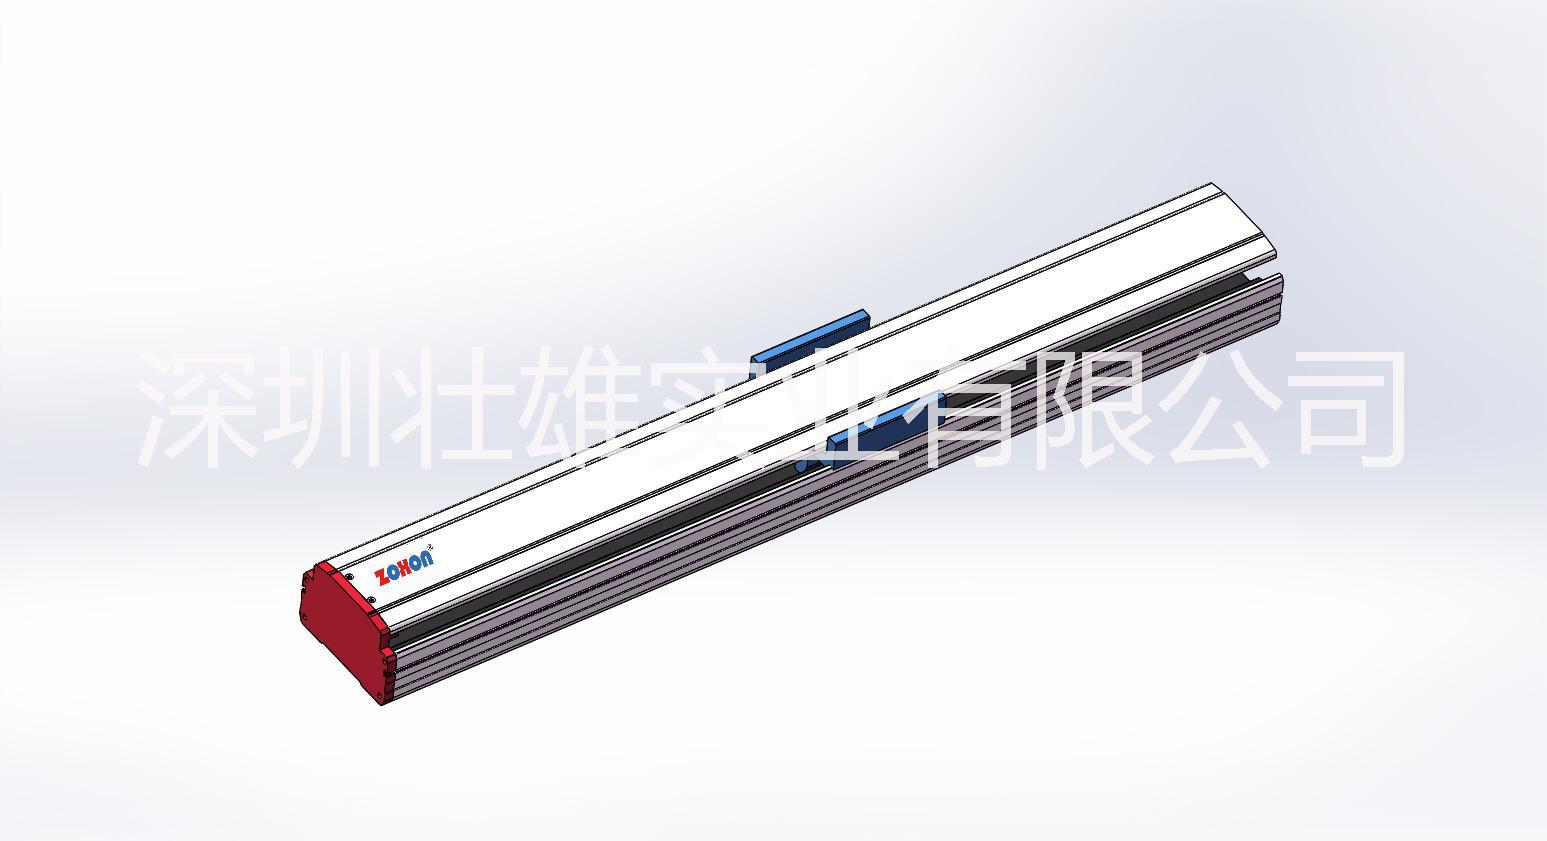 广东模组订制 模组底座线性模组滑槽铝型材 直线滑台导轨铝型材 同步带半封闭式模组型材